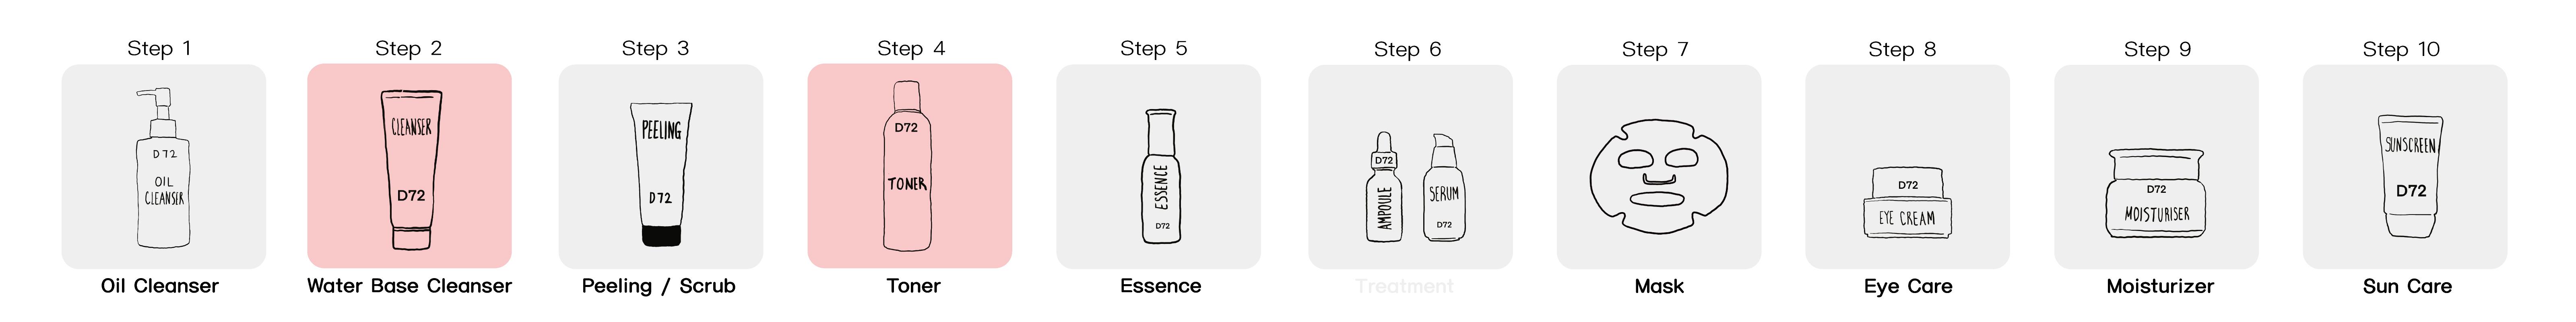 step-2-4.jpg